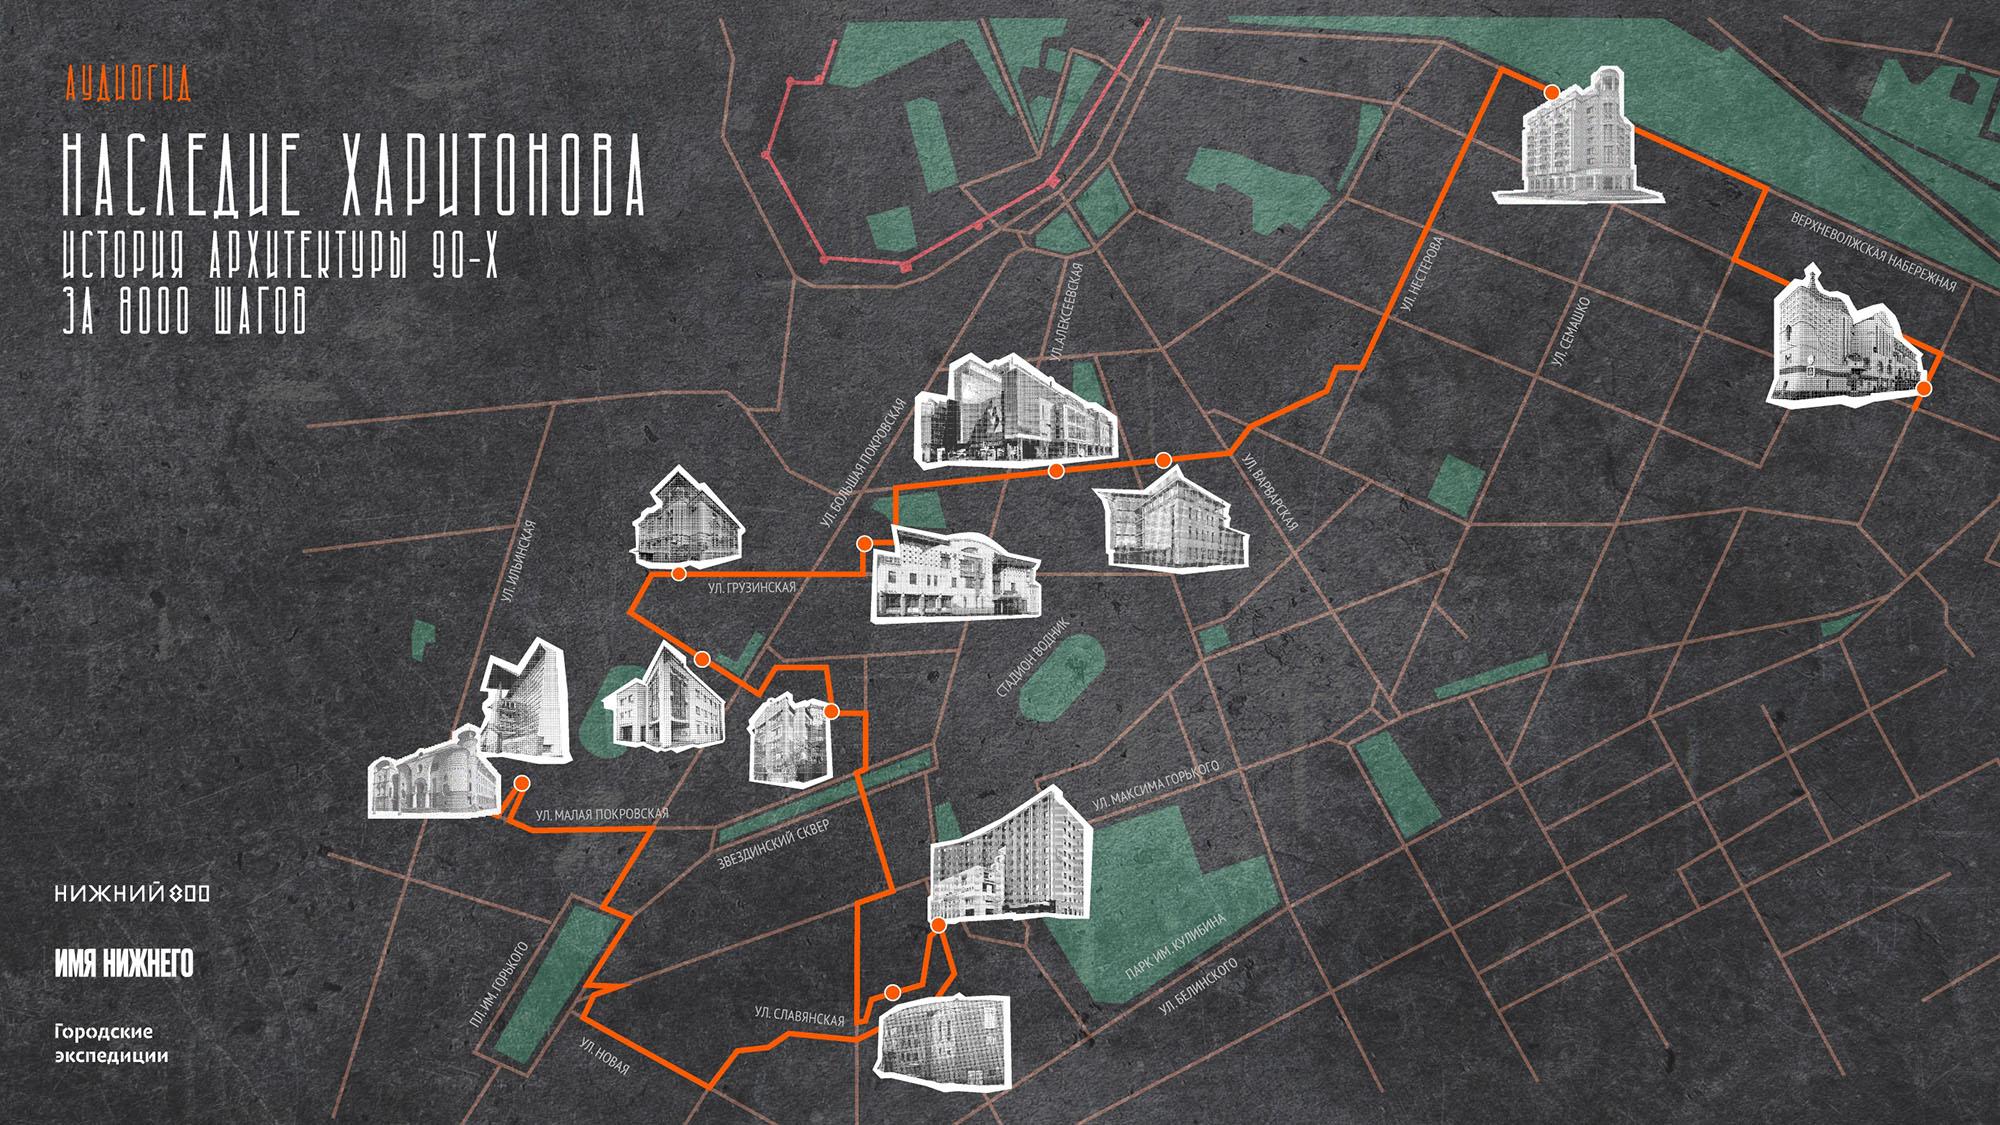 Аудиогид и карту-маршрут по объектам архитектуры Харитоновской школы выпустили в Нижнем Новгороде